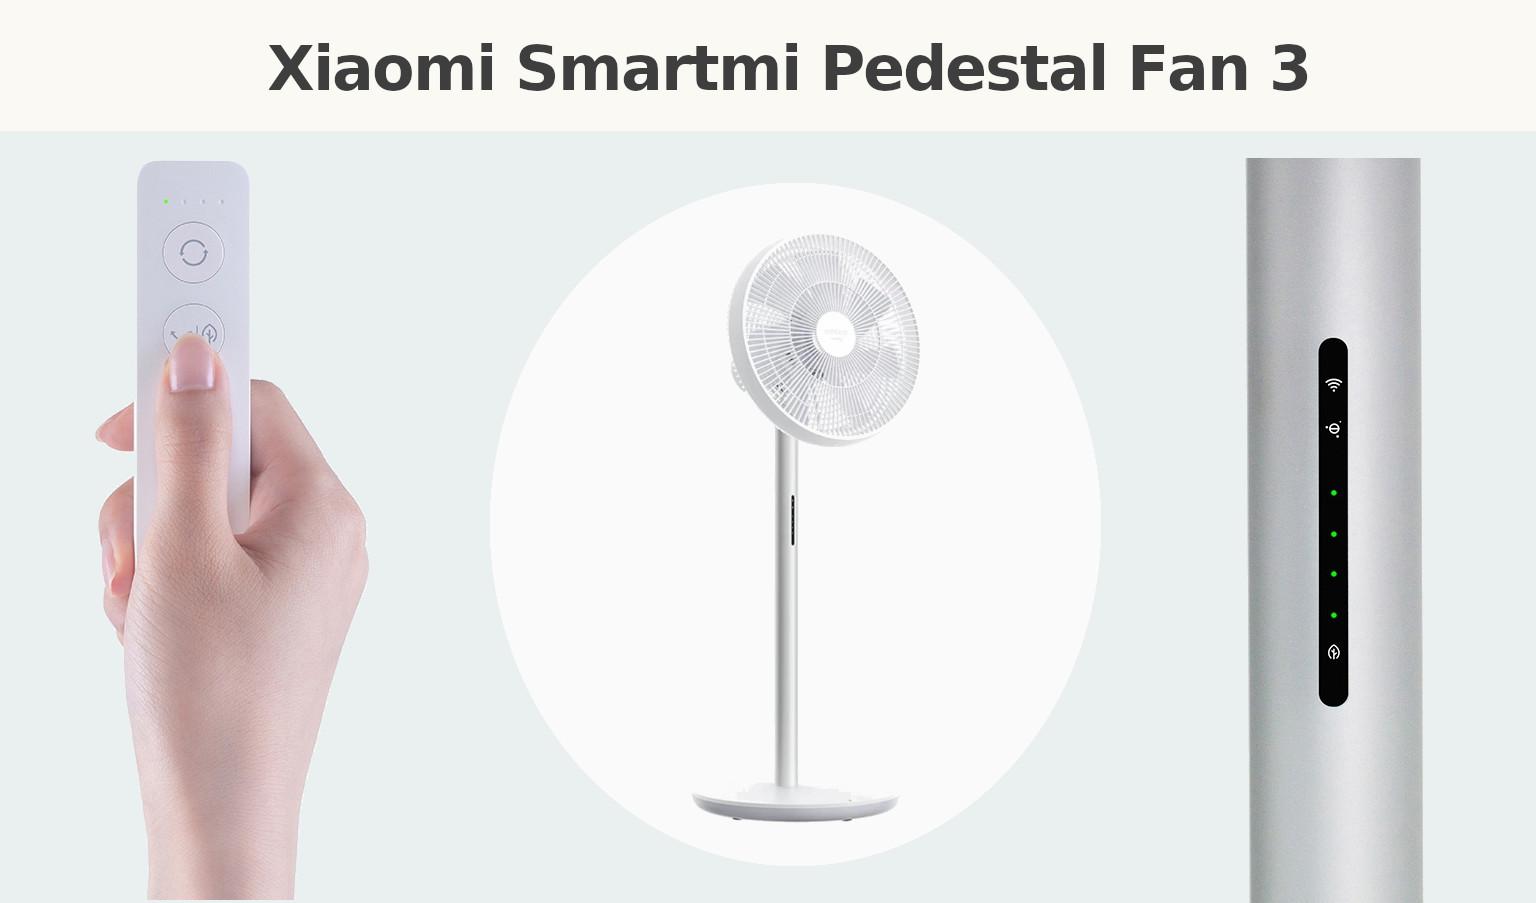 Xiaomi Smartmi Pedestal Fan 3 compralo y no esperes al Black Friday